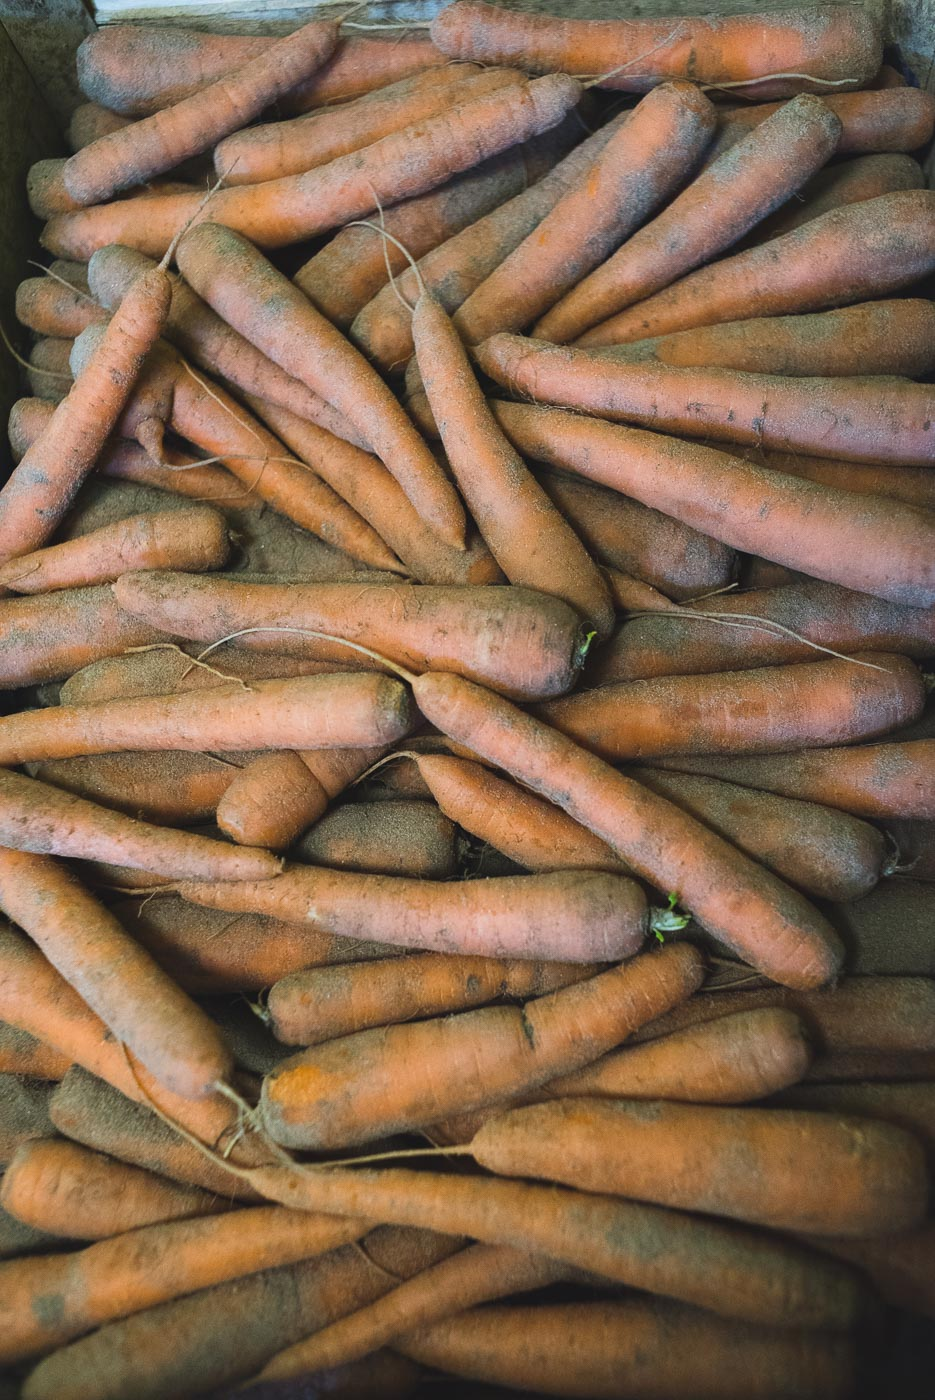 carottes de terre, carottes de sable, Sébastien Le Jolivet, magasin de ferme, vente directe, Légumes des Gastines, saint-père, saveurs de Saint Malo, producteur, pommes, citrouilles, kabocha, maraichage, petit producteur, local